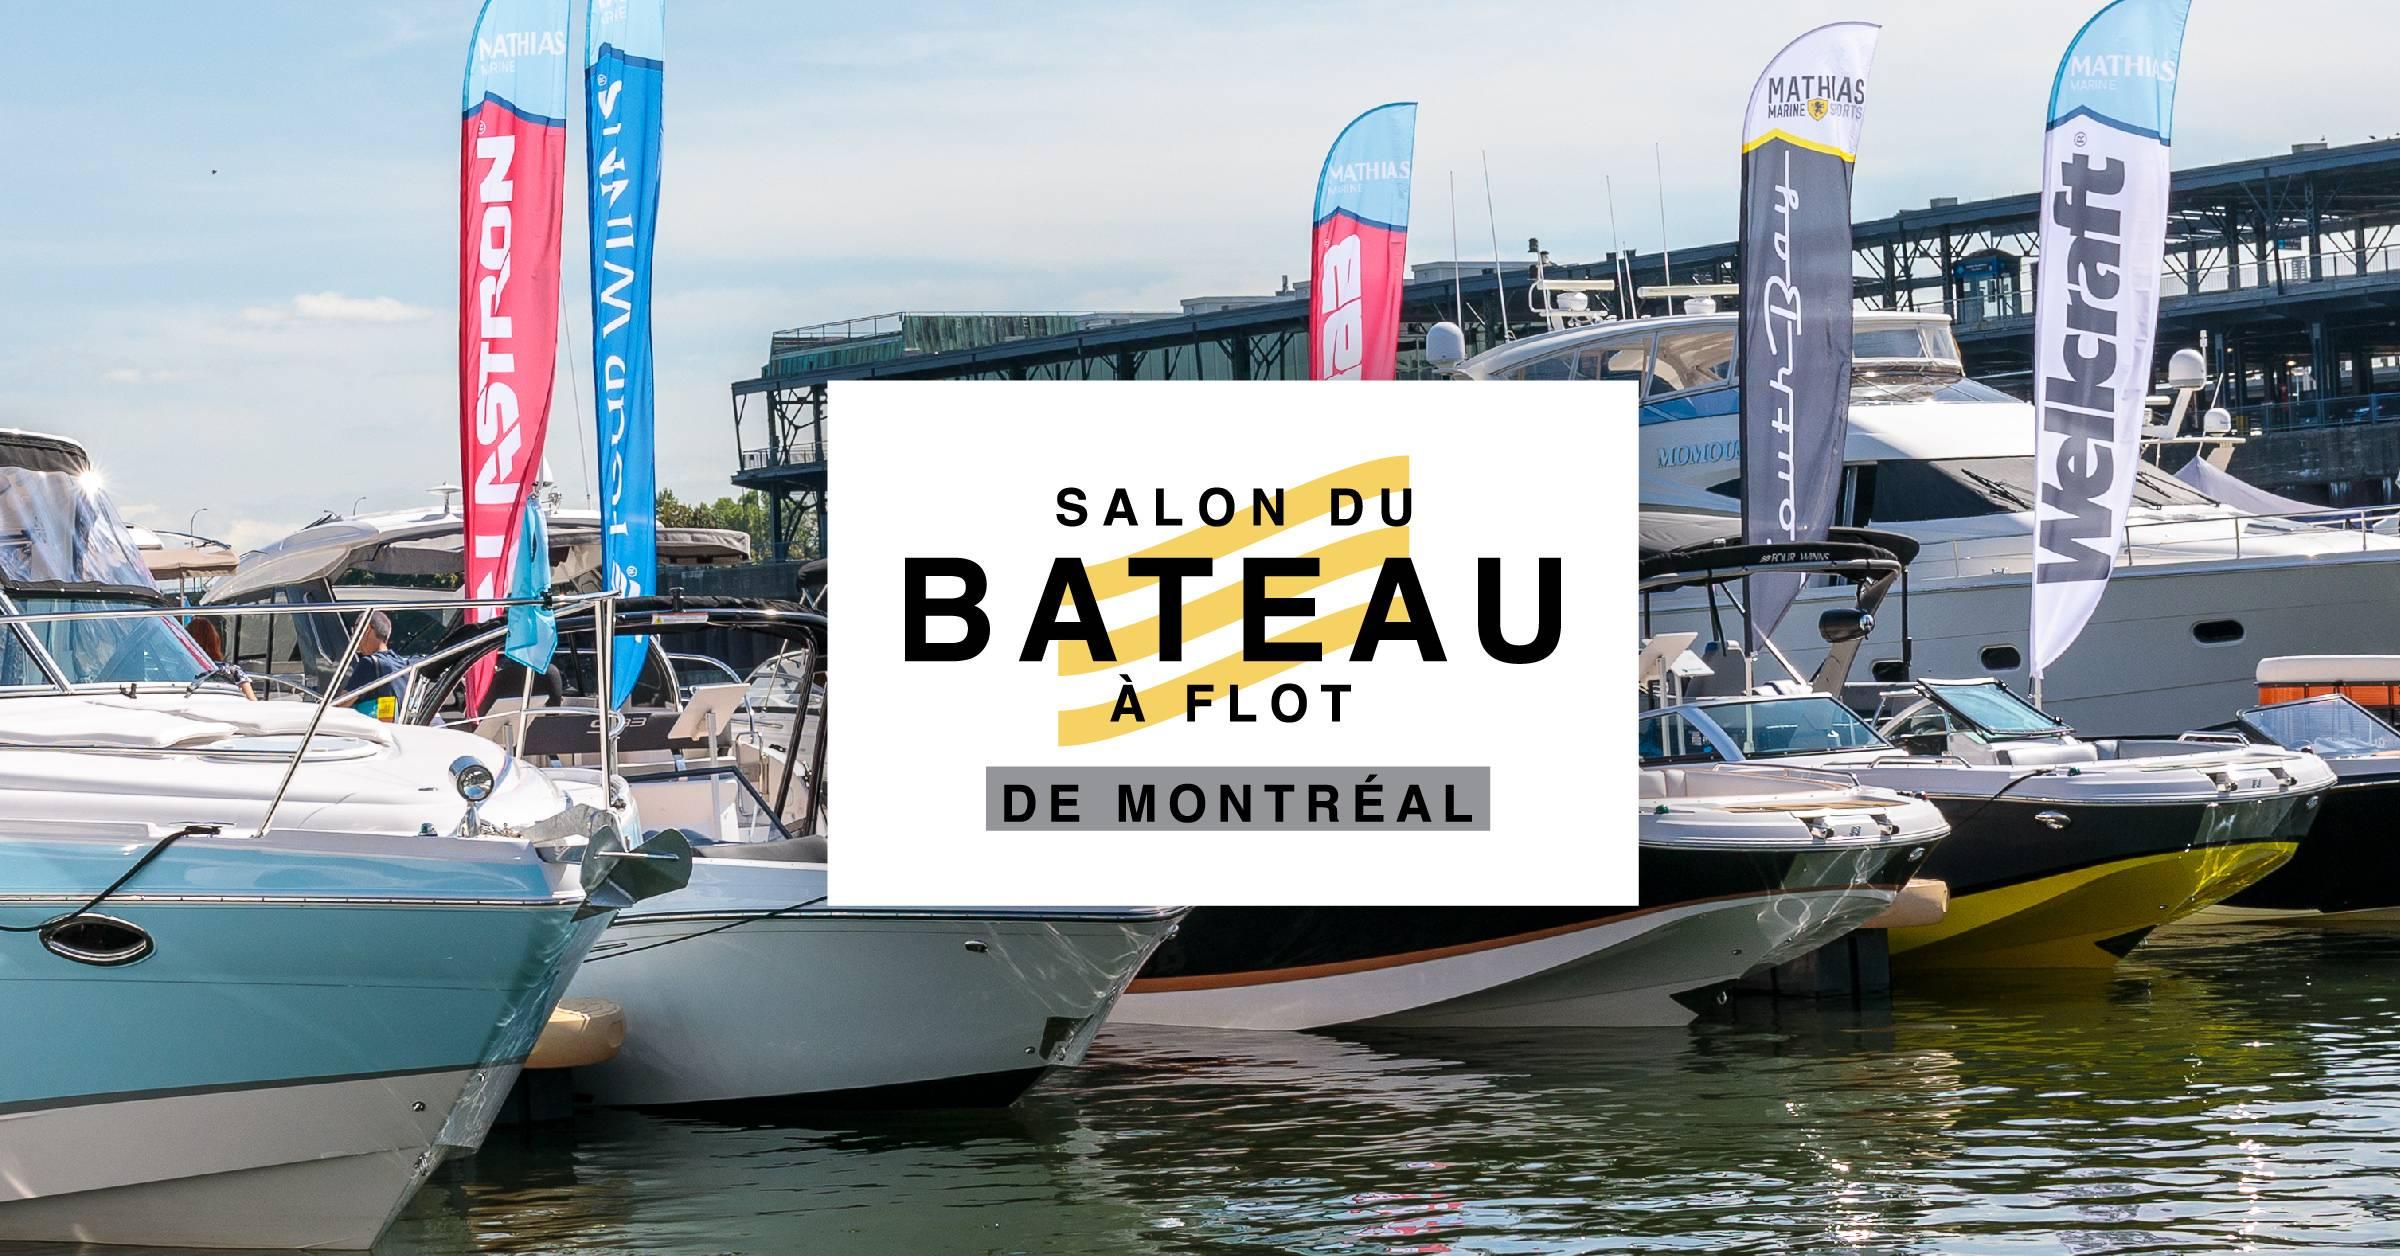 Du 6 au 8 septembre, ne manquez pas le Salon du Bateau à Flot de Montréal